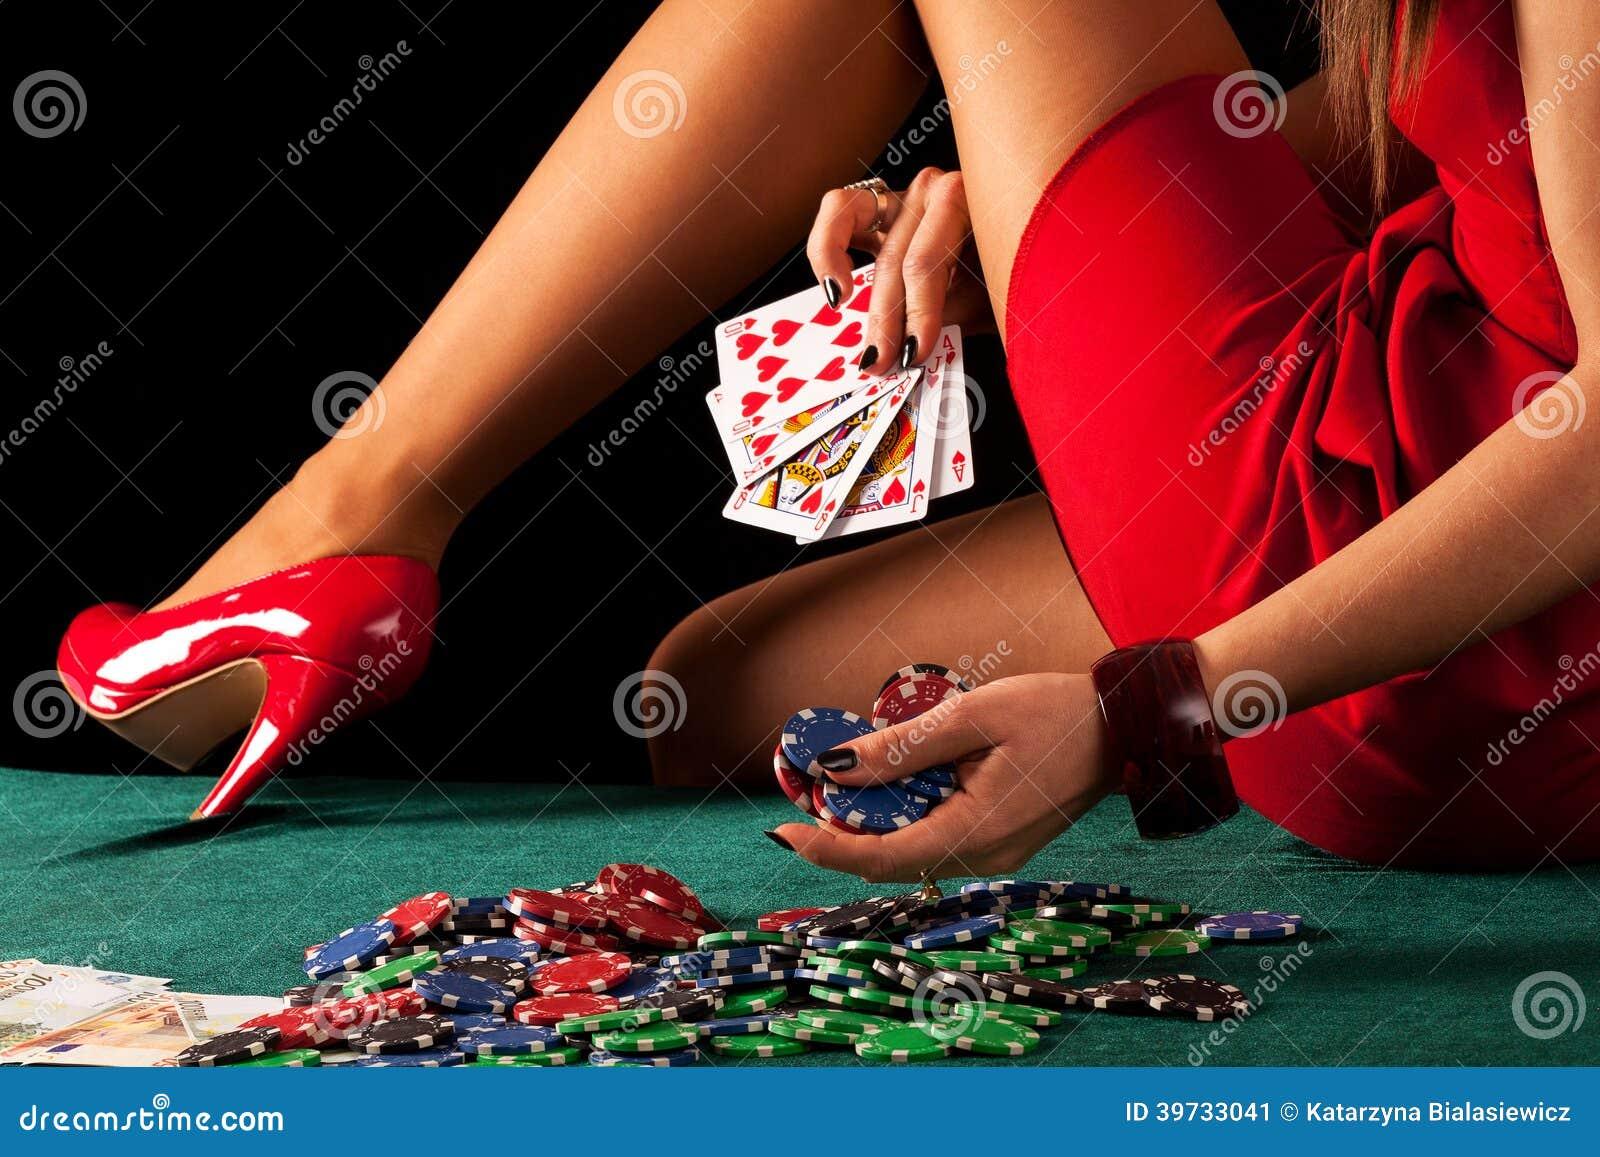 online gambling casino dce online